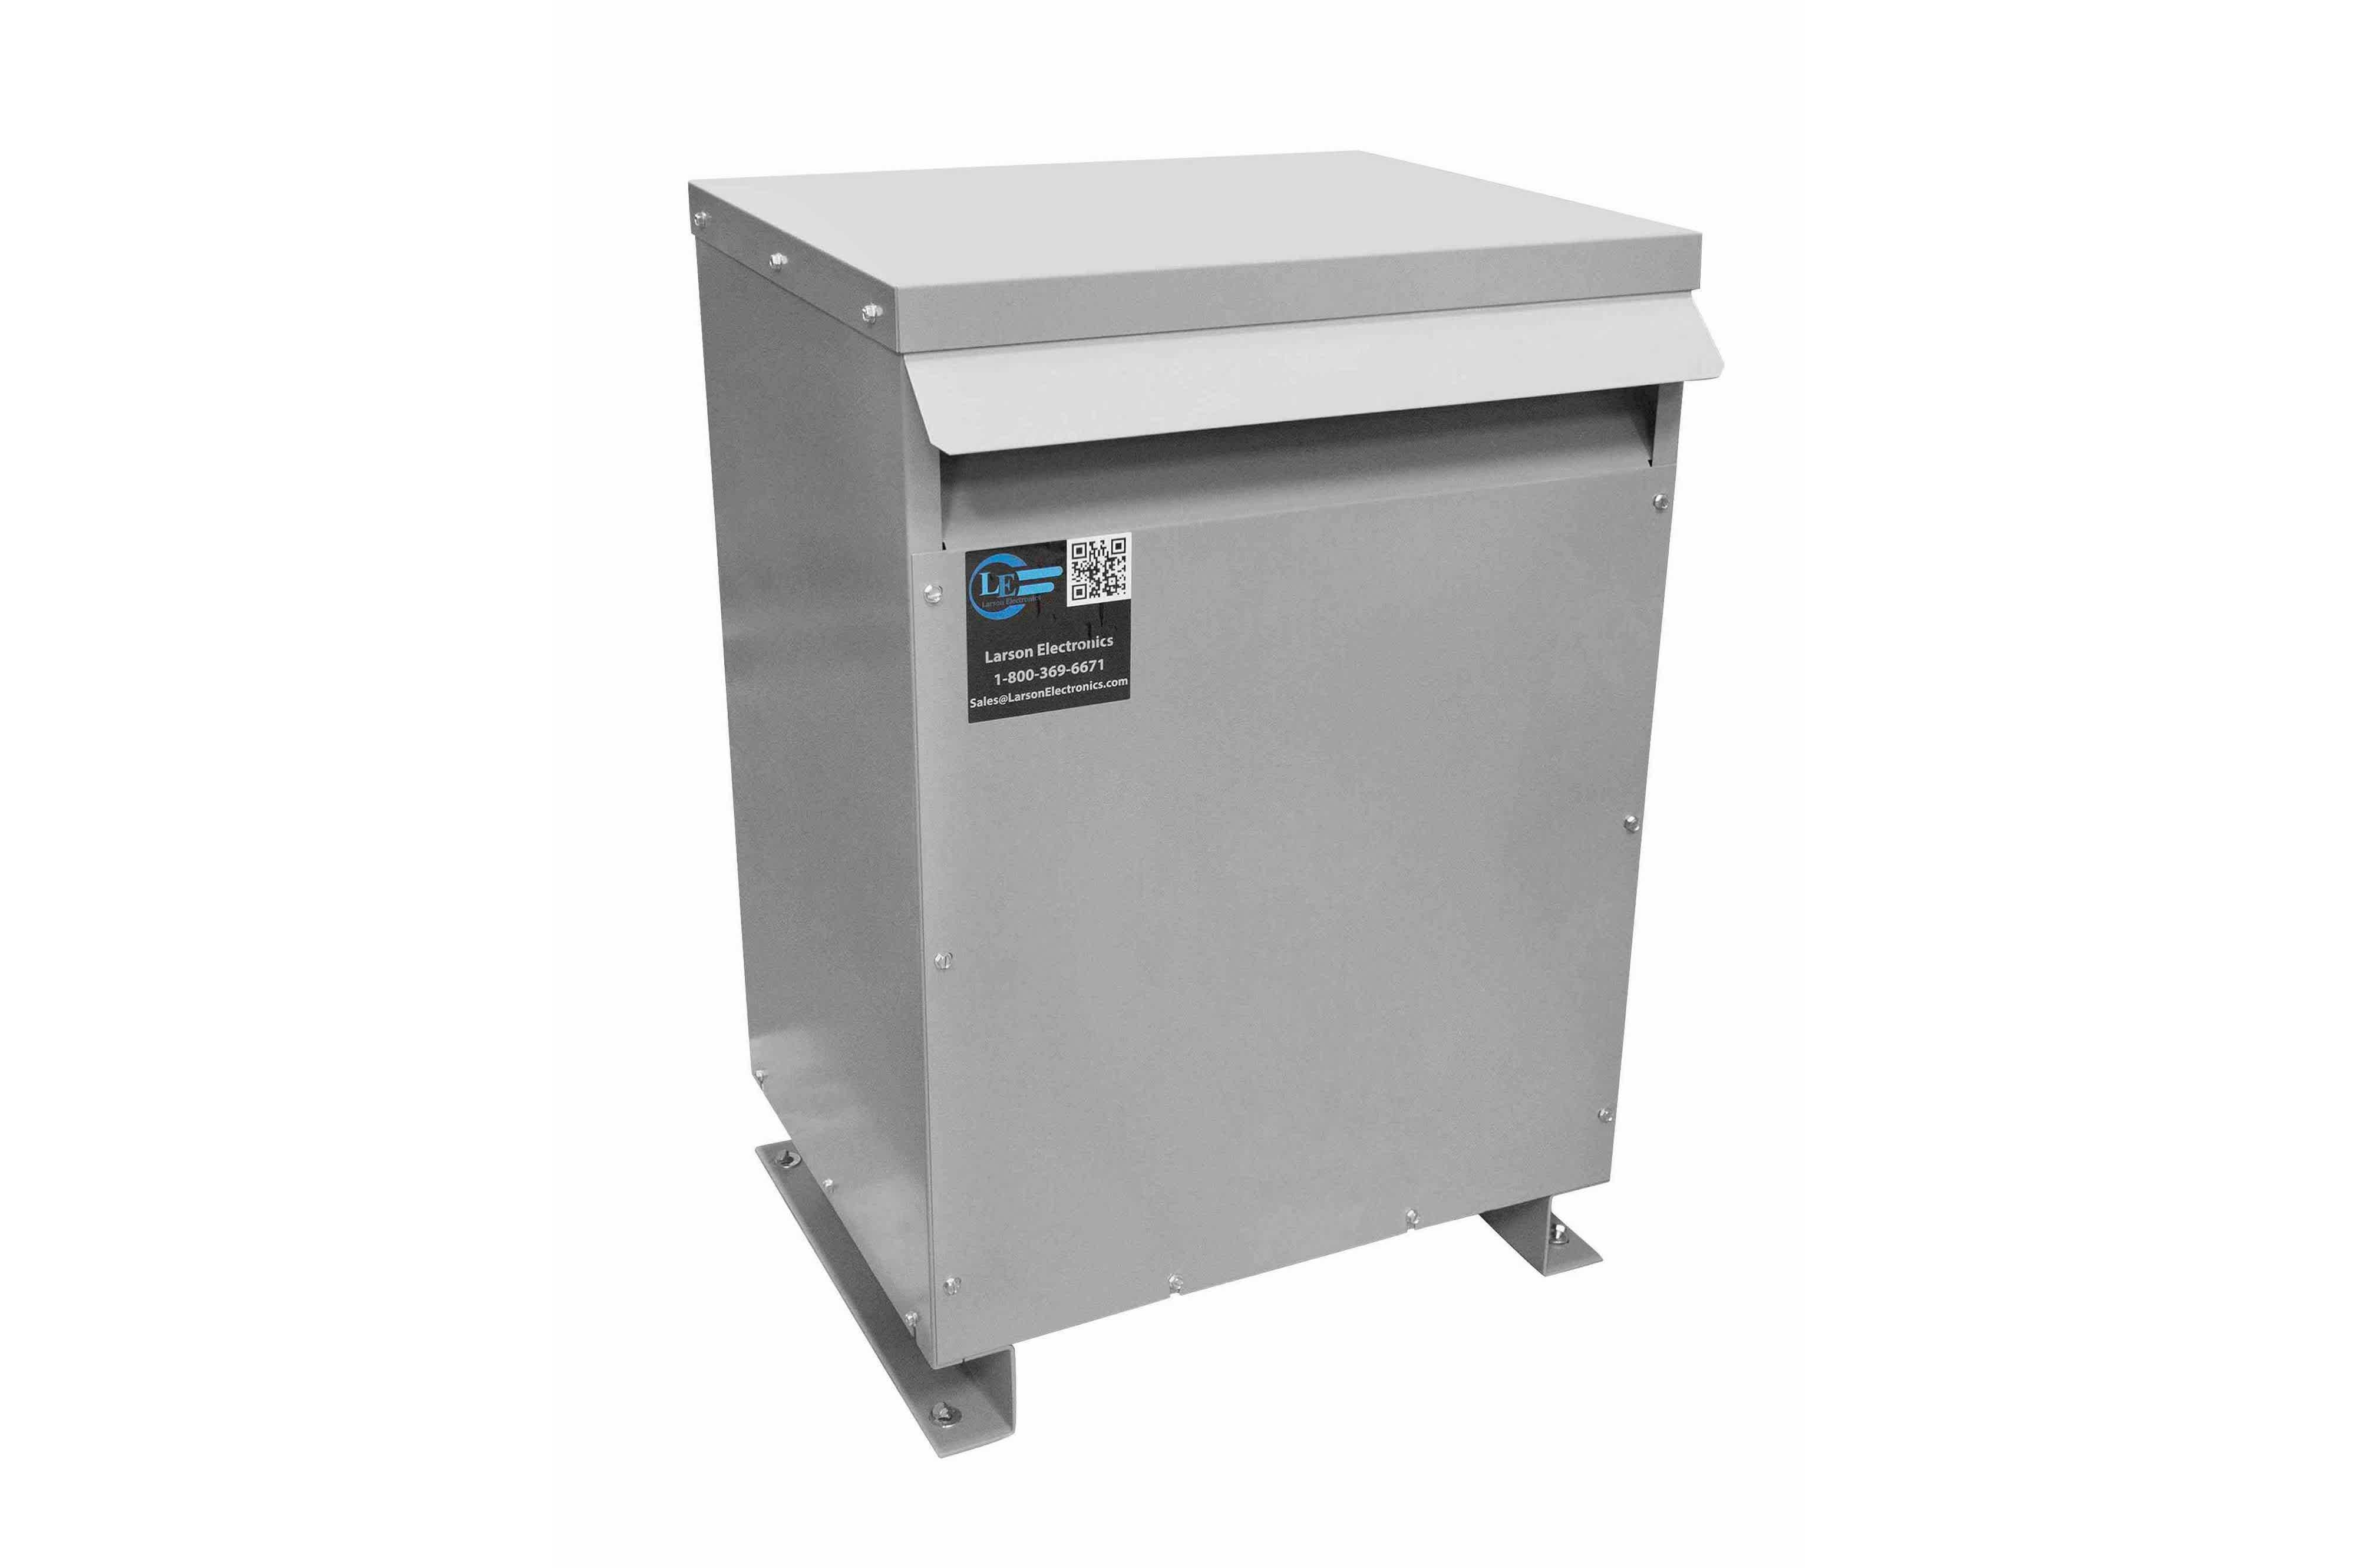 175 kVA 3PH Isolation Transformer, 480V Delta Primary, 575V Delta Secondary, N3R, Ventilated, 60 Hz